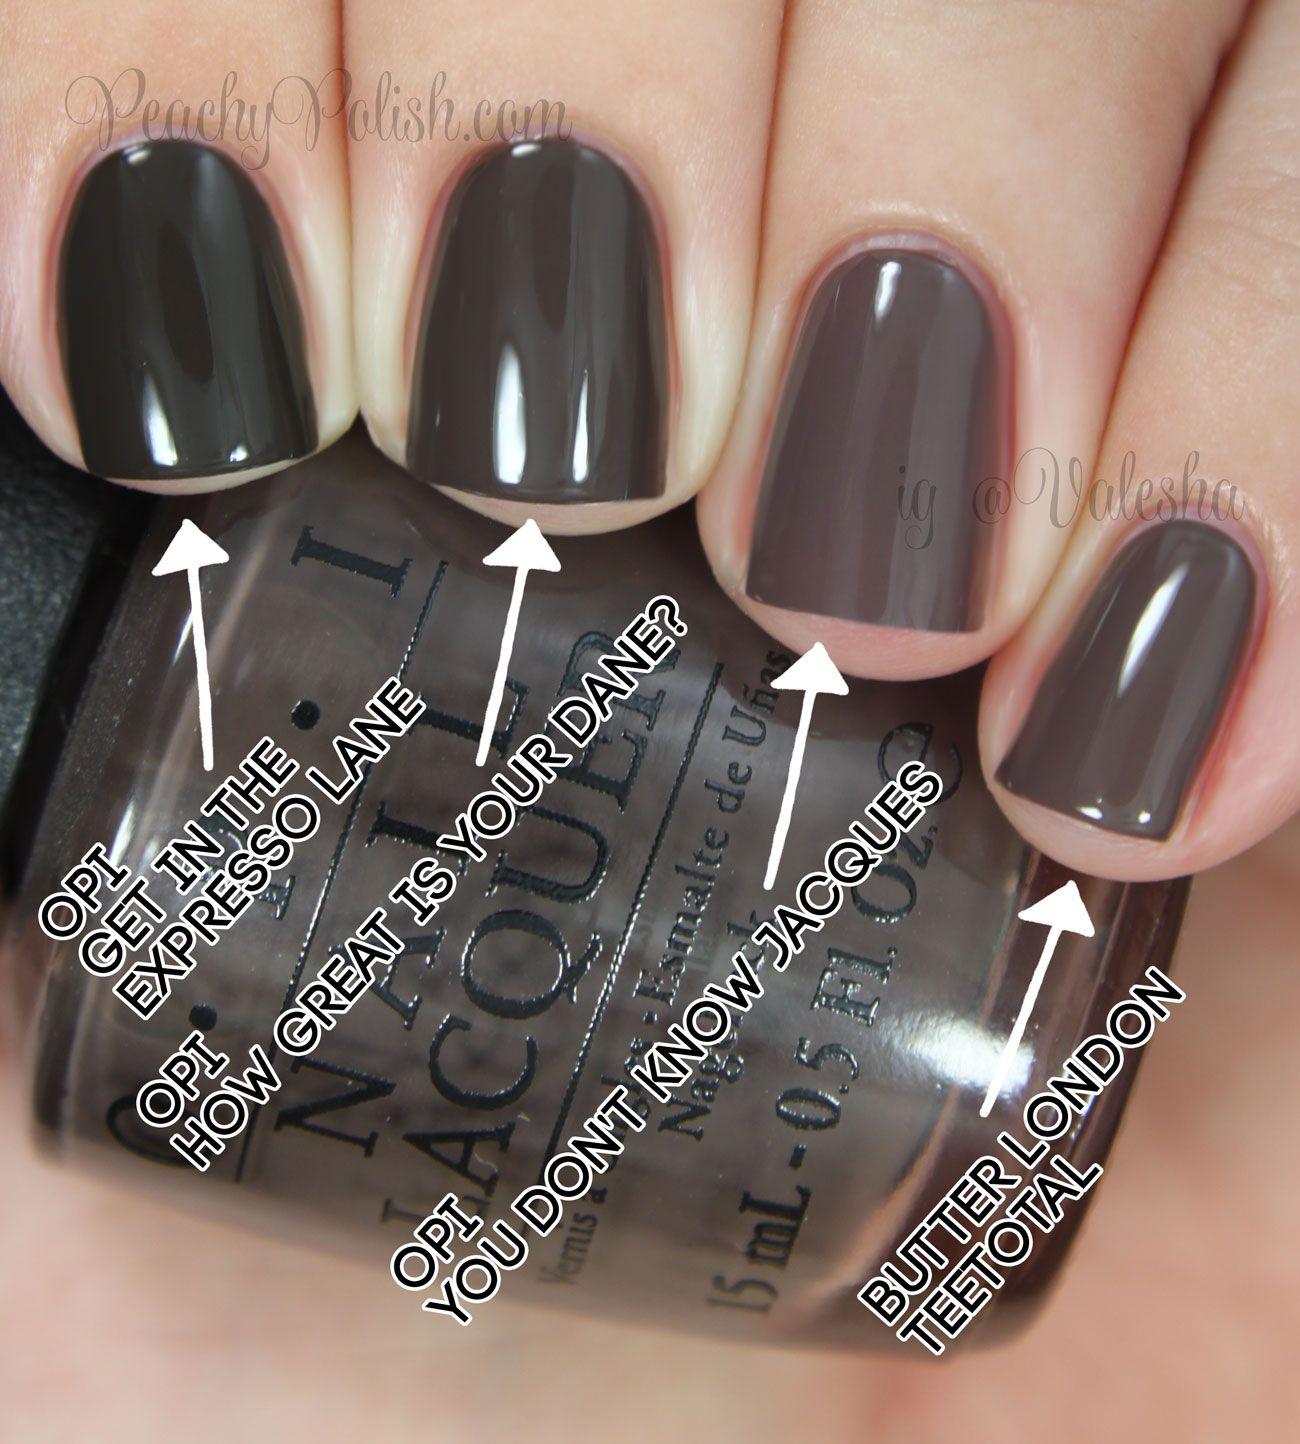 Opi Nordic Collection Comparisons Fashion Nails Cute Nails Nail Polish